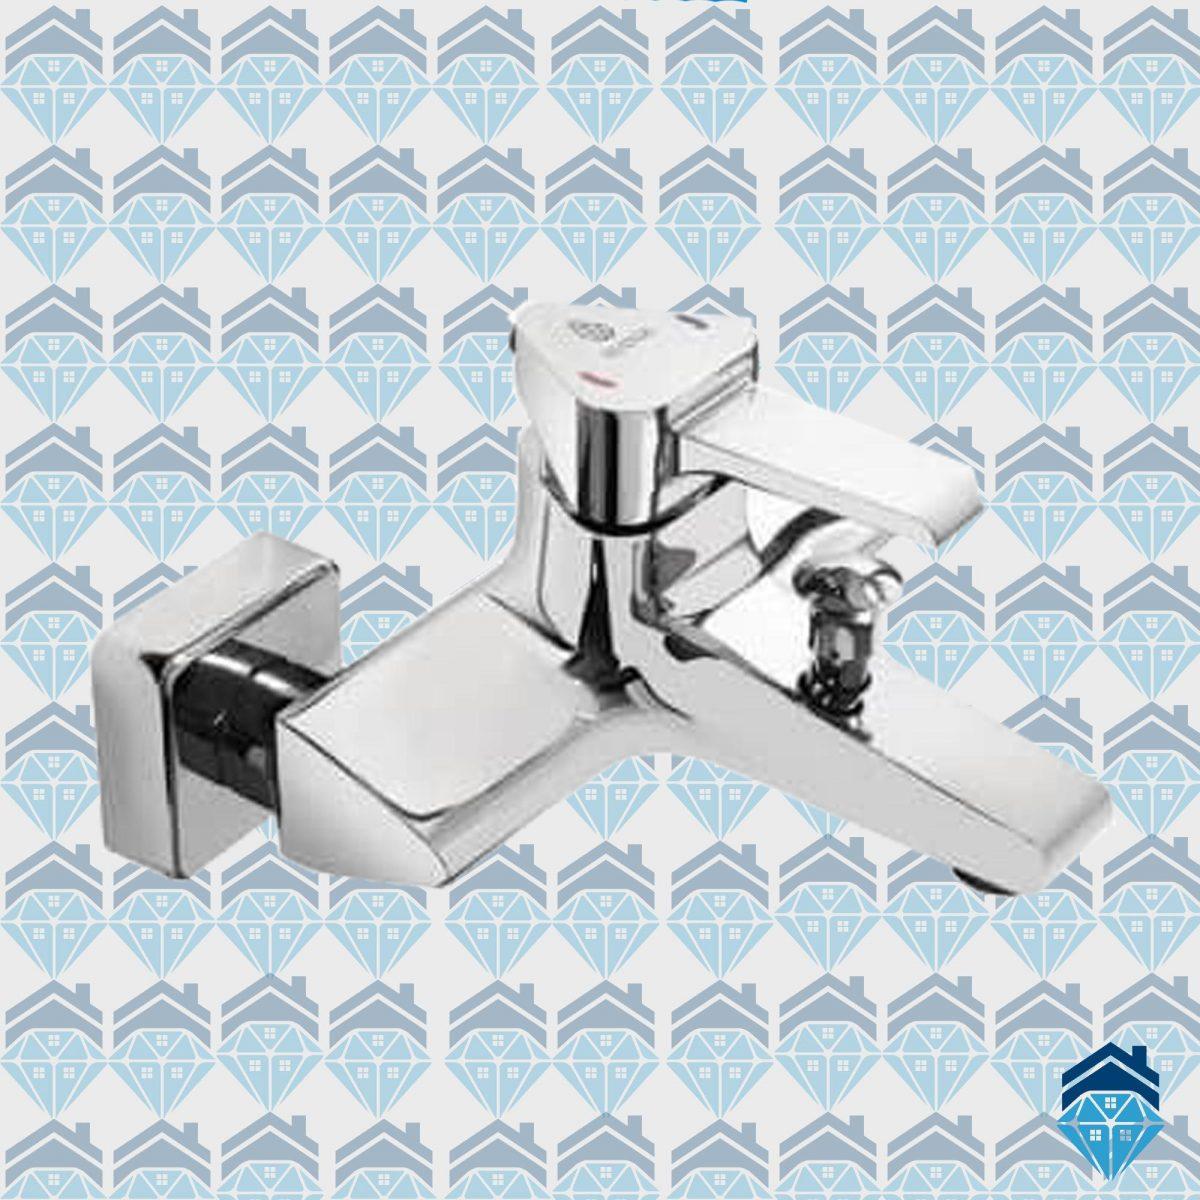 شیر حمام (دوش) کیان مدل ایلیا